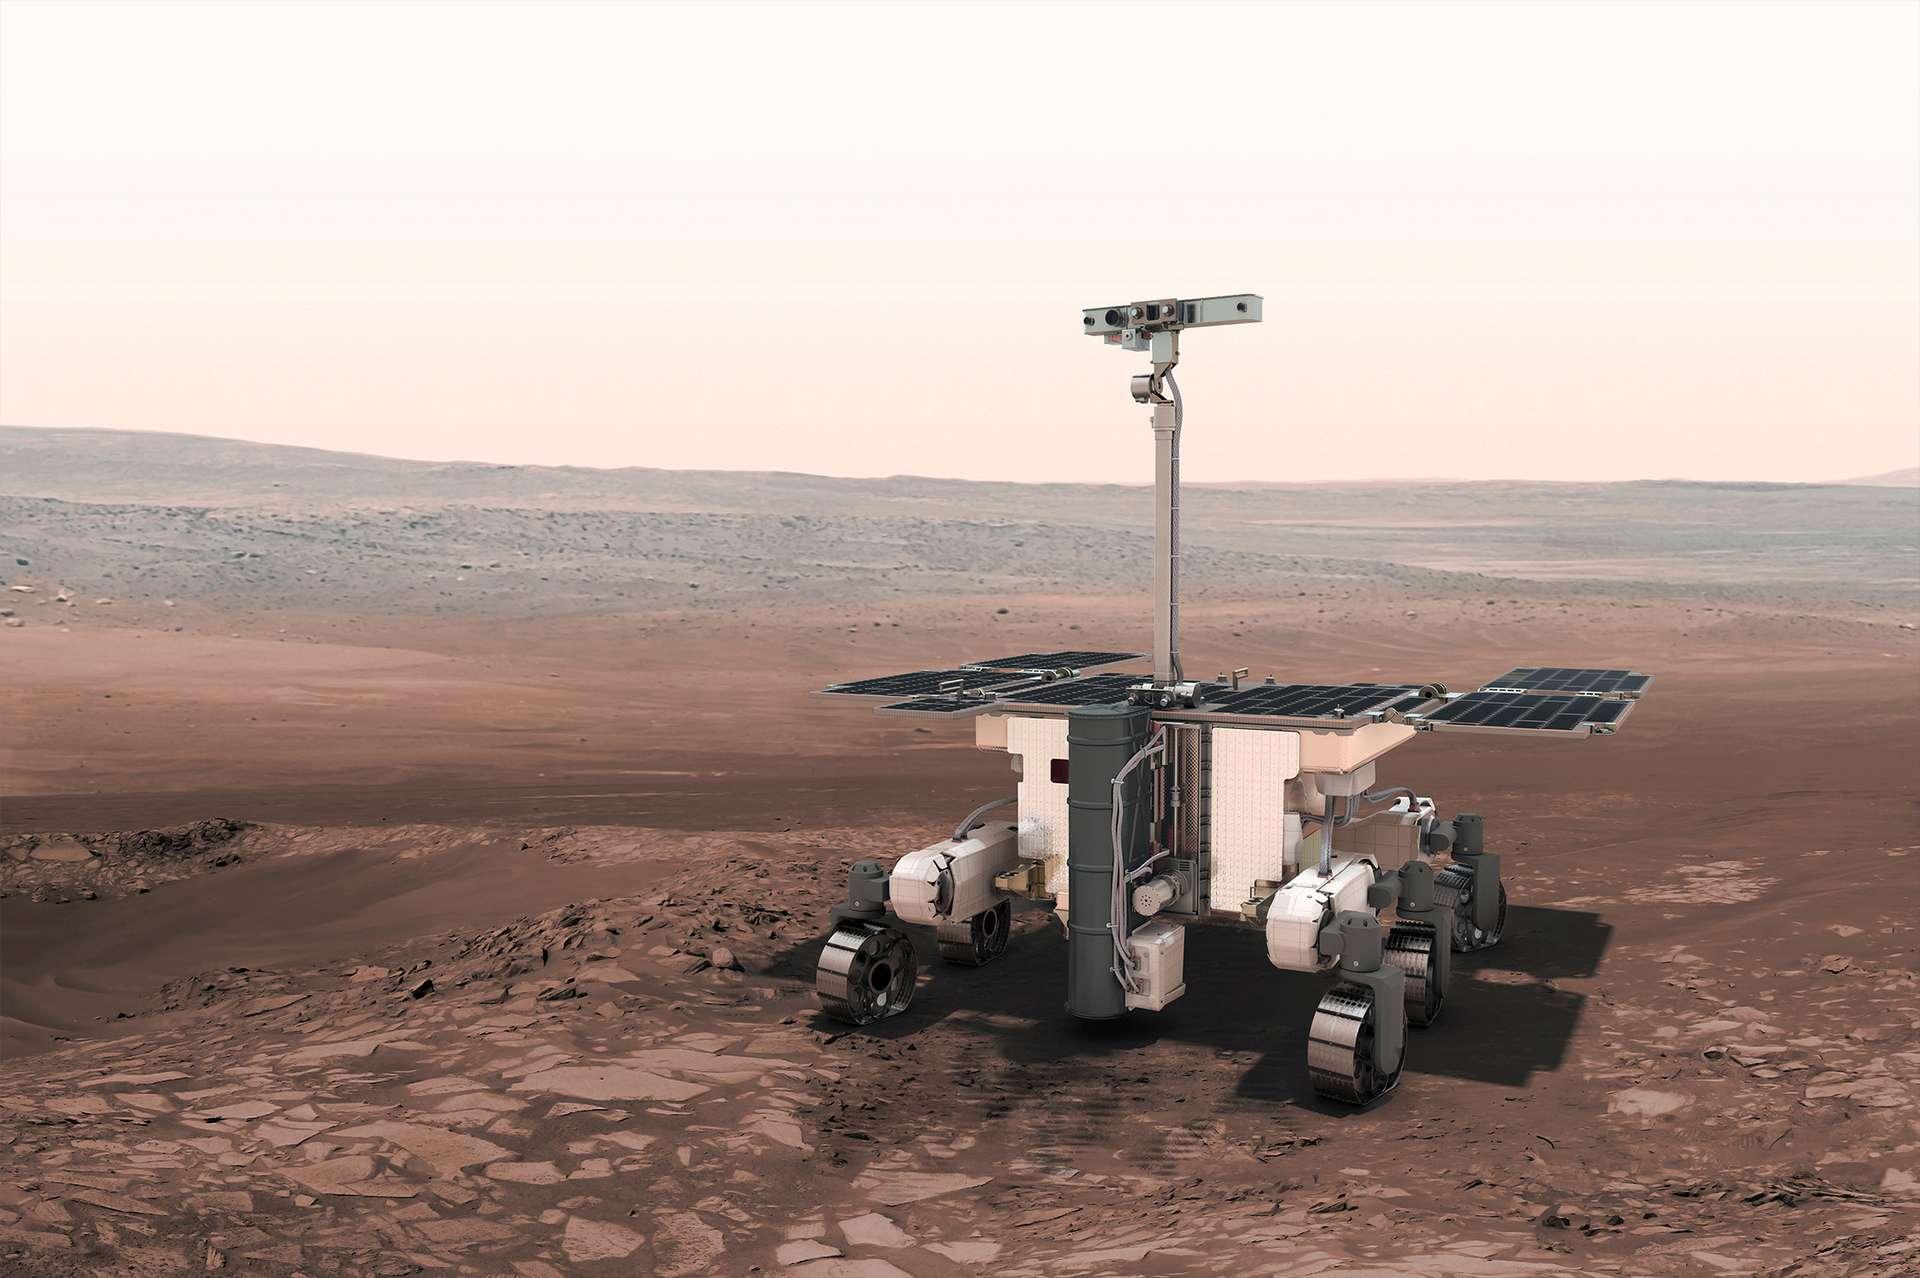 Vue d'artiste du rover Rosalind Franklin (ExoMars 2020) de l'Agence spatiale européenne. Le lancement de ce rover martien, à bord d'un lanceur russe Proton, est prévu en juillet 2020. © ESA